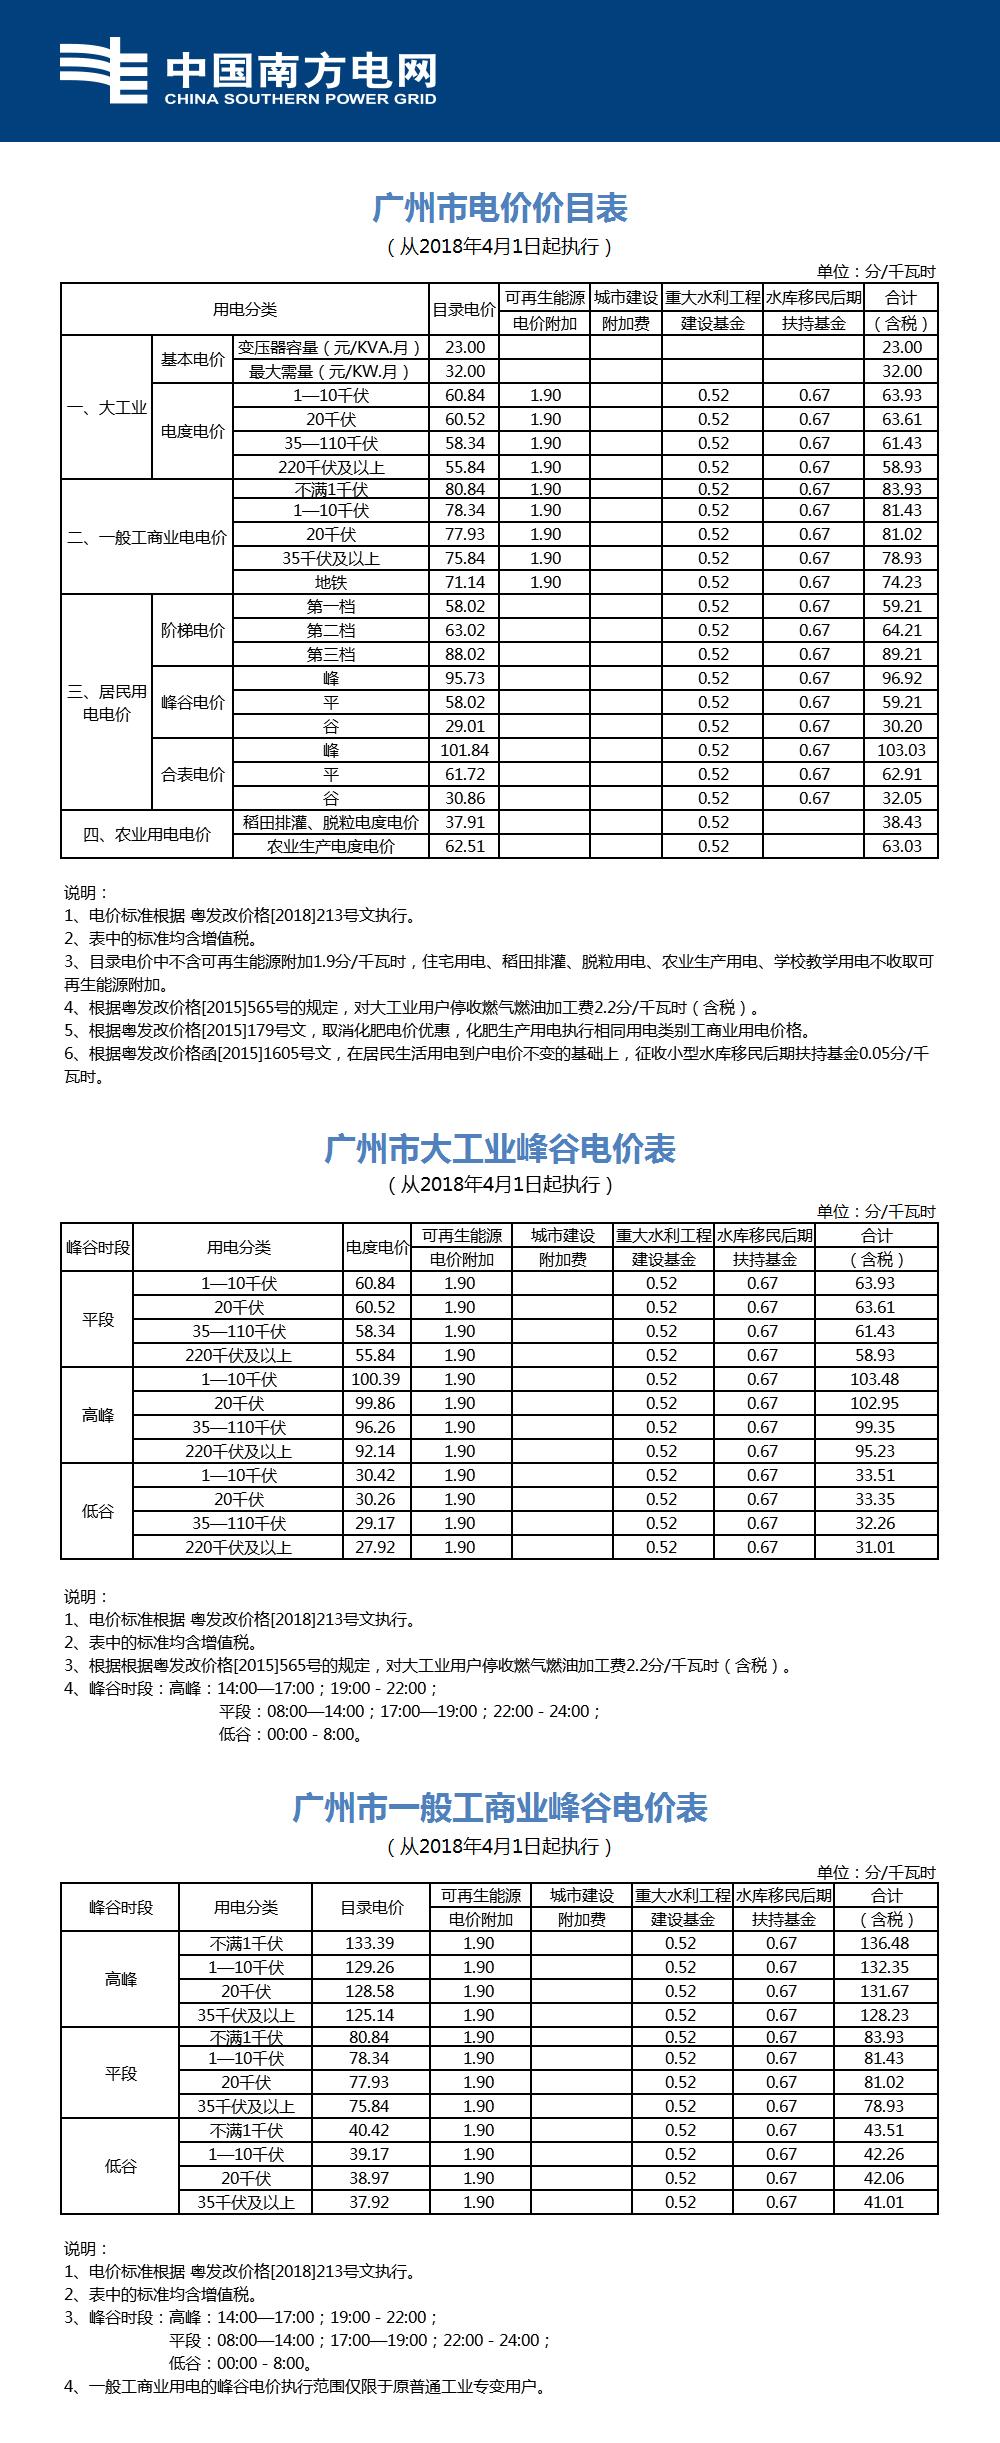 阶梯电费标准_2018广州居民用电是多少钱一度?阶梯电价怎么算?- 广州本地宝